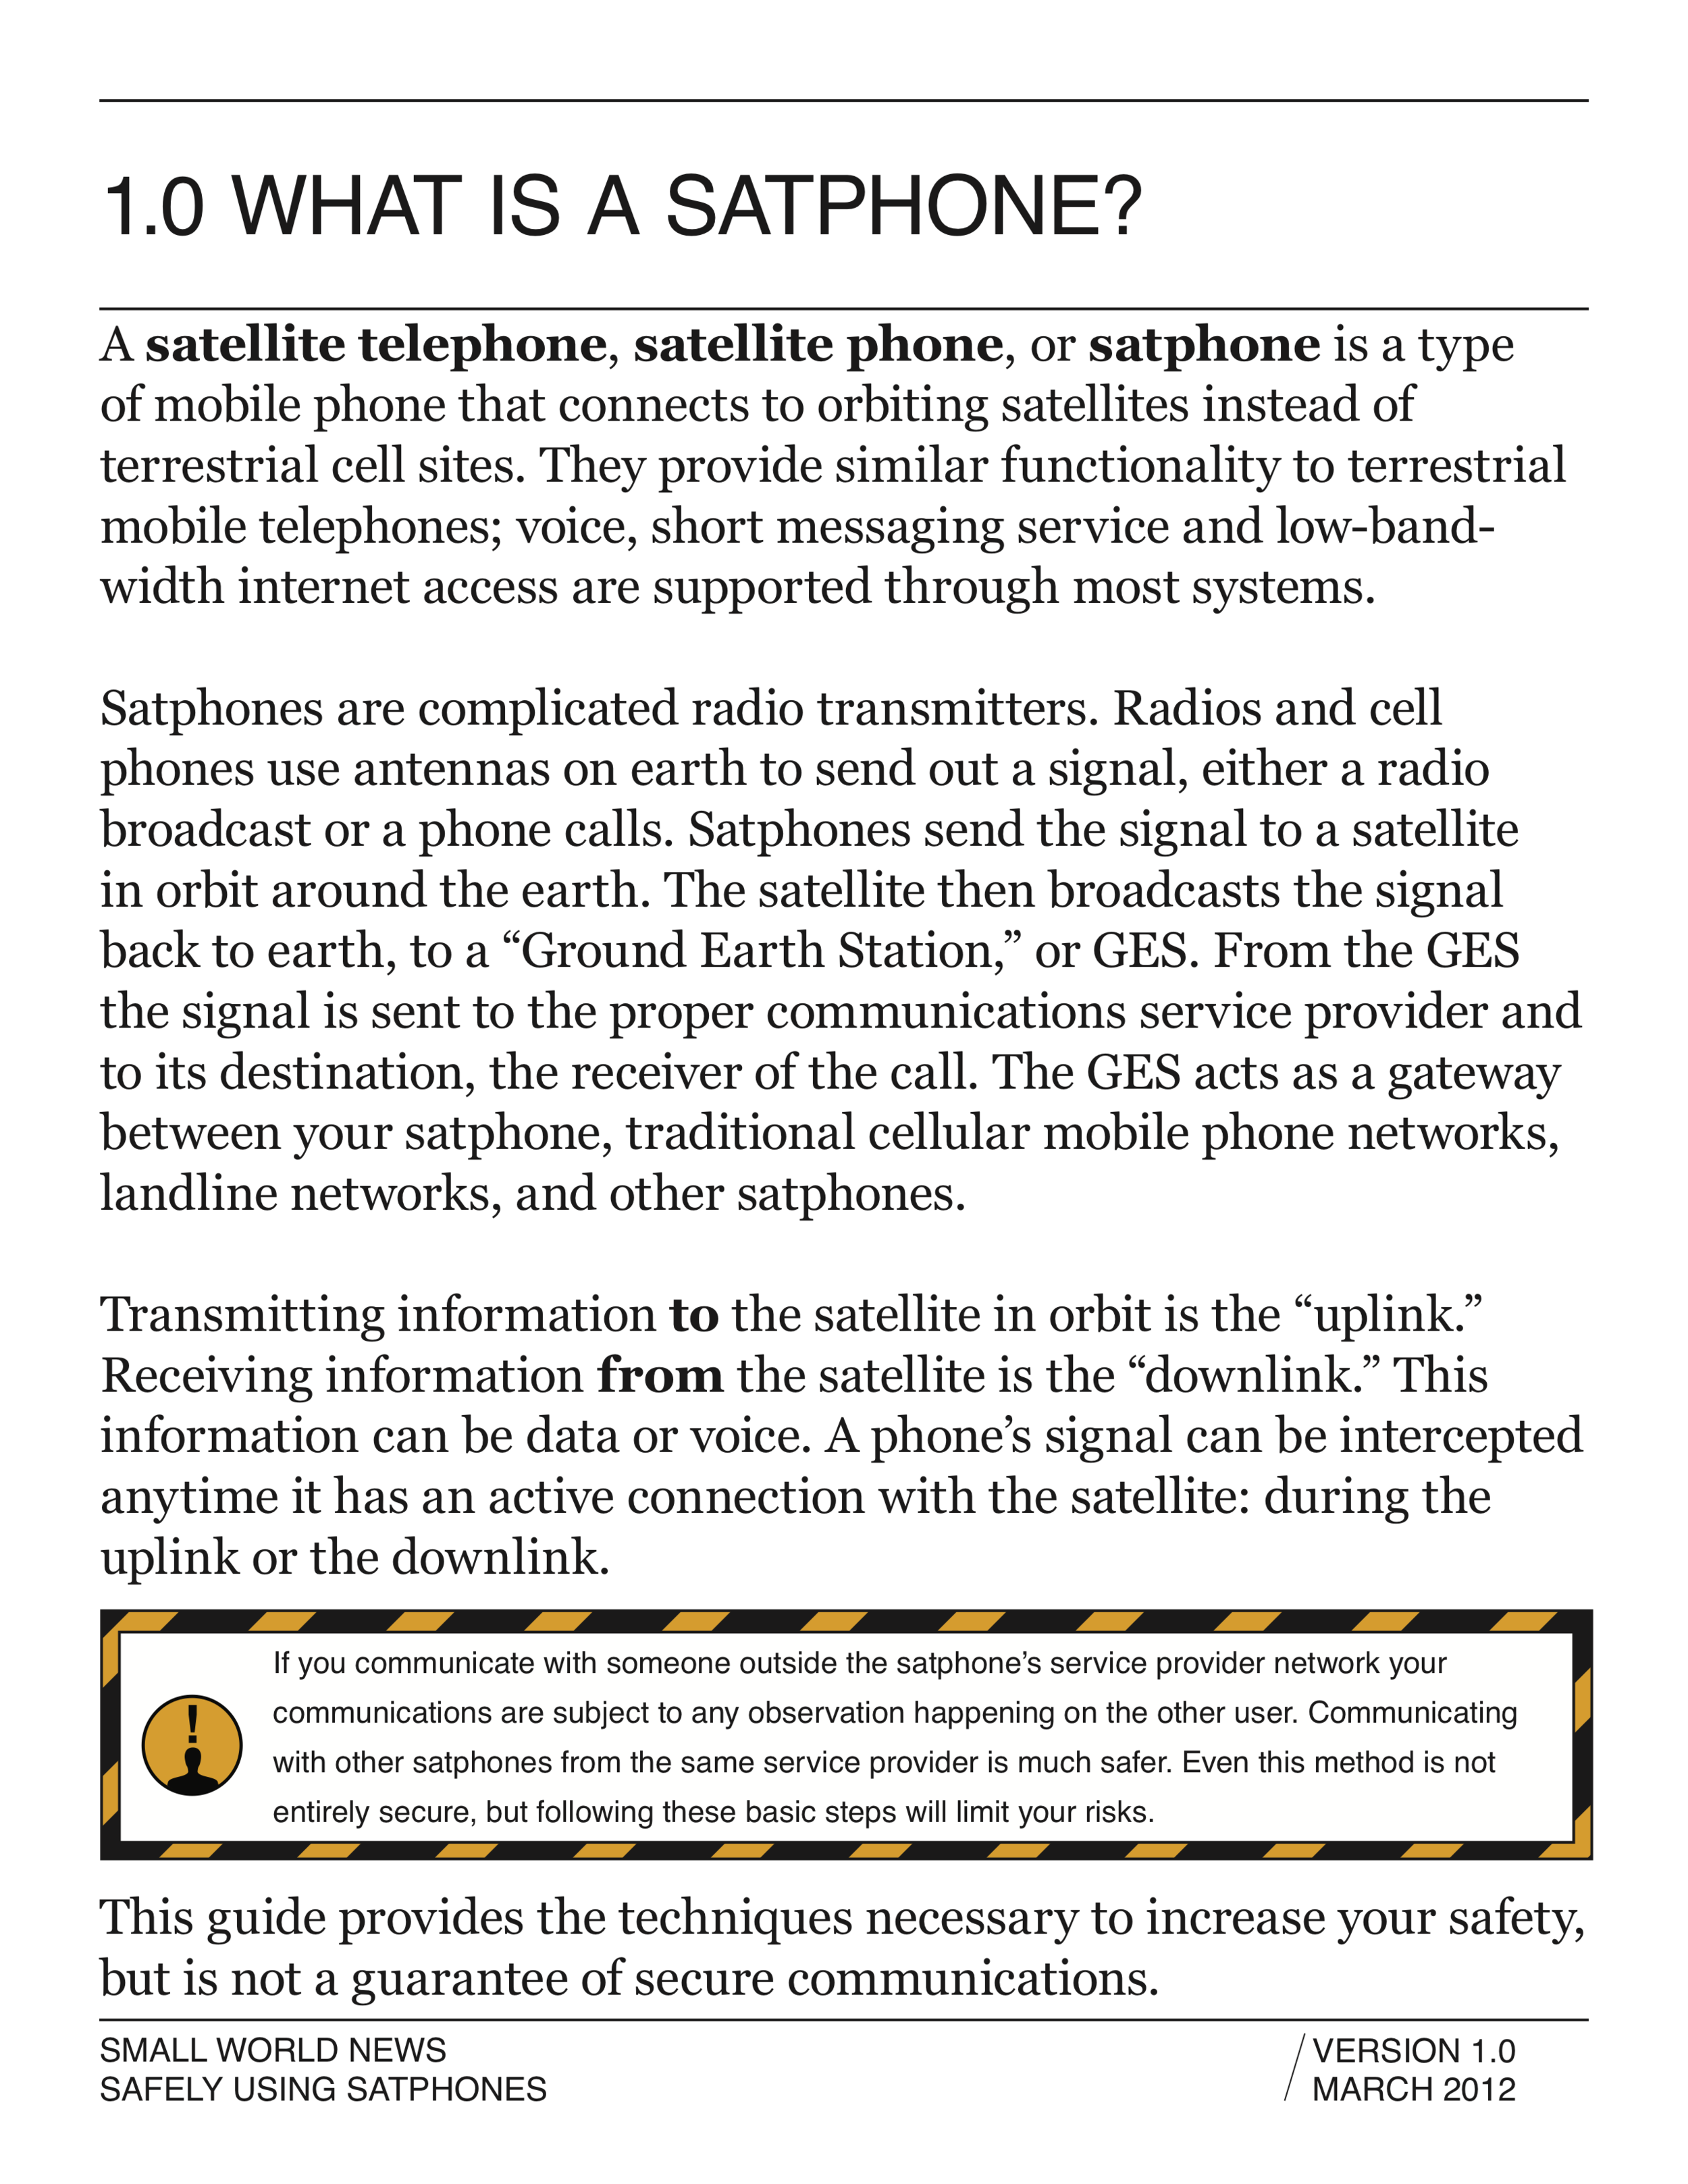 satphone 8.png